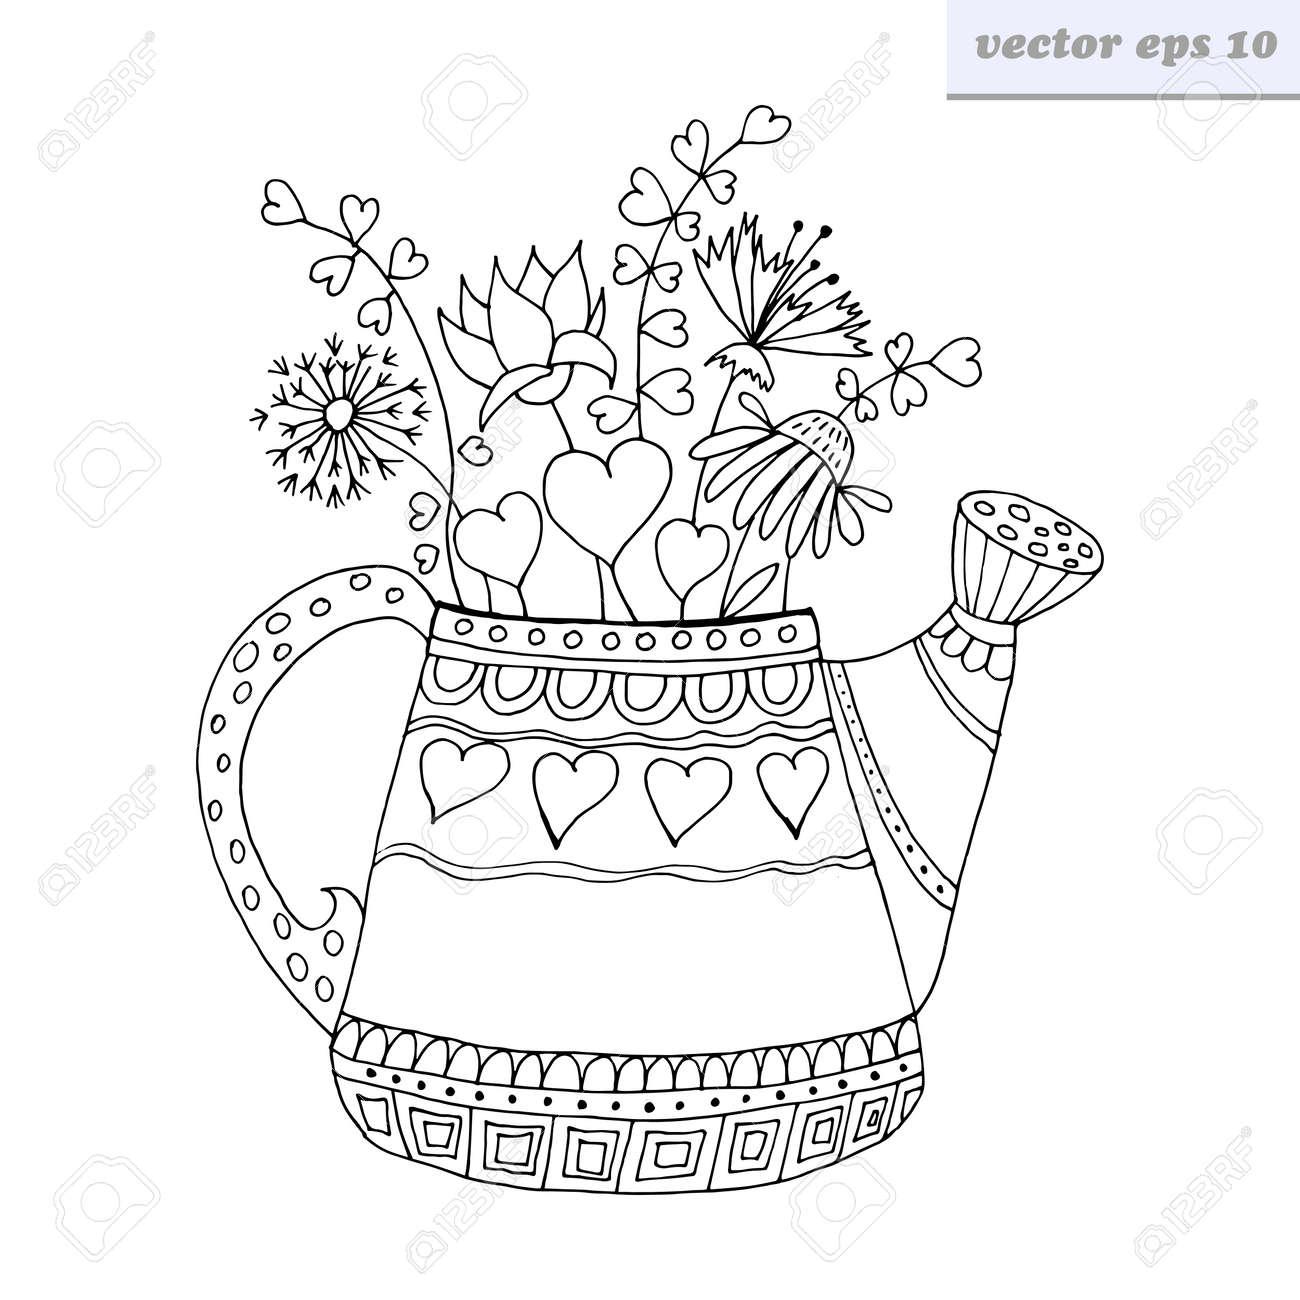 Estilo De Dibujos Animados Mano Dibujado Vector Regadera Con Flores ...